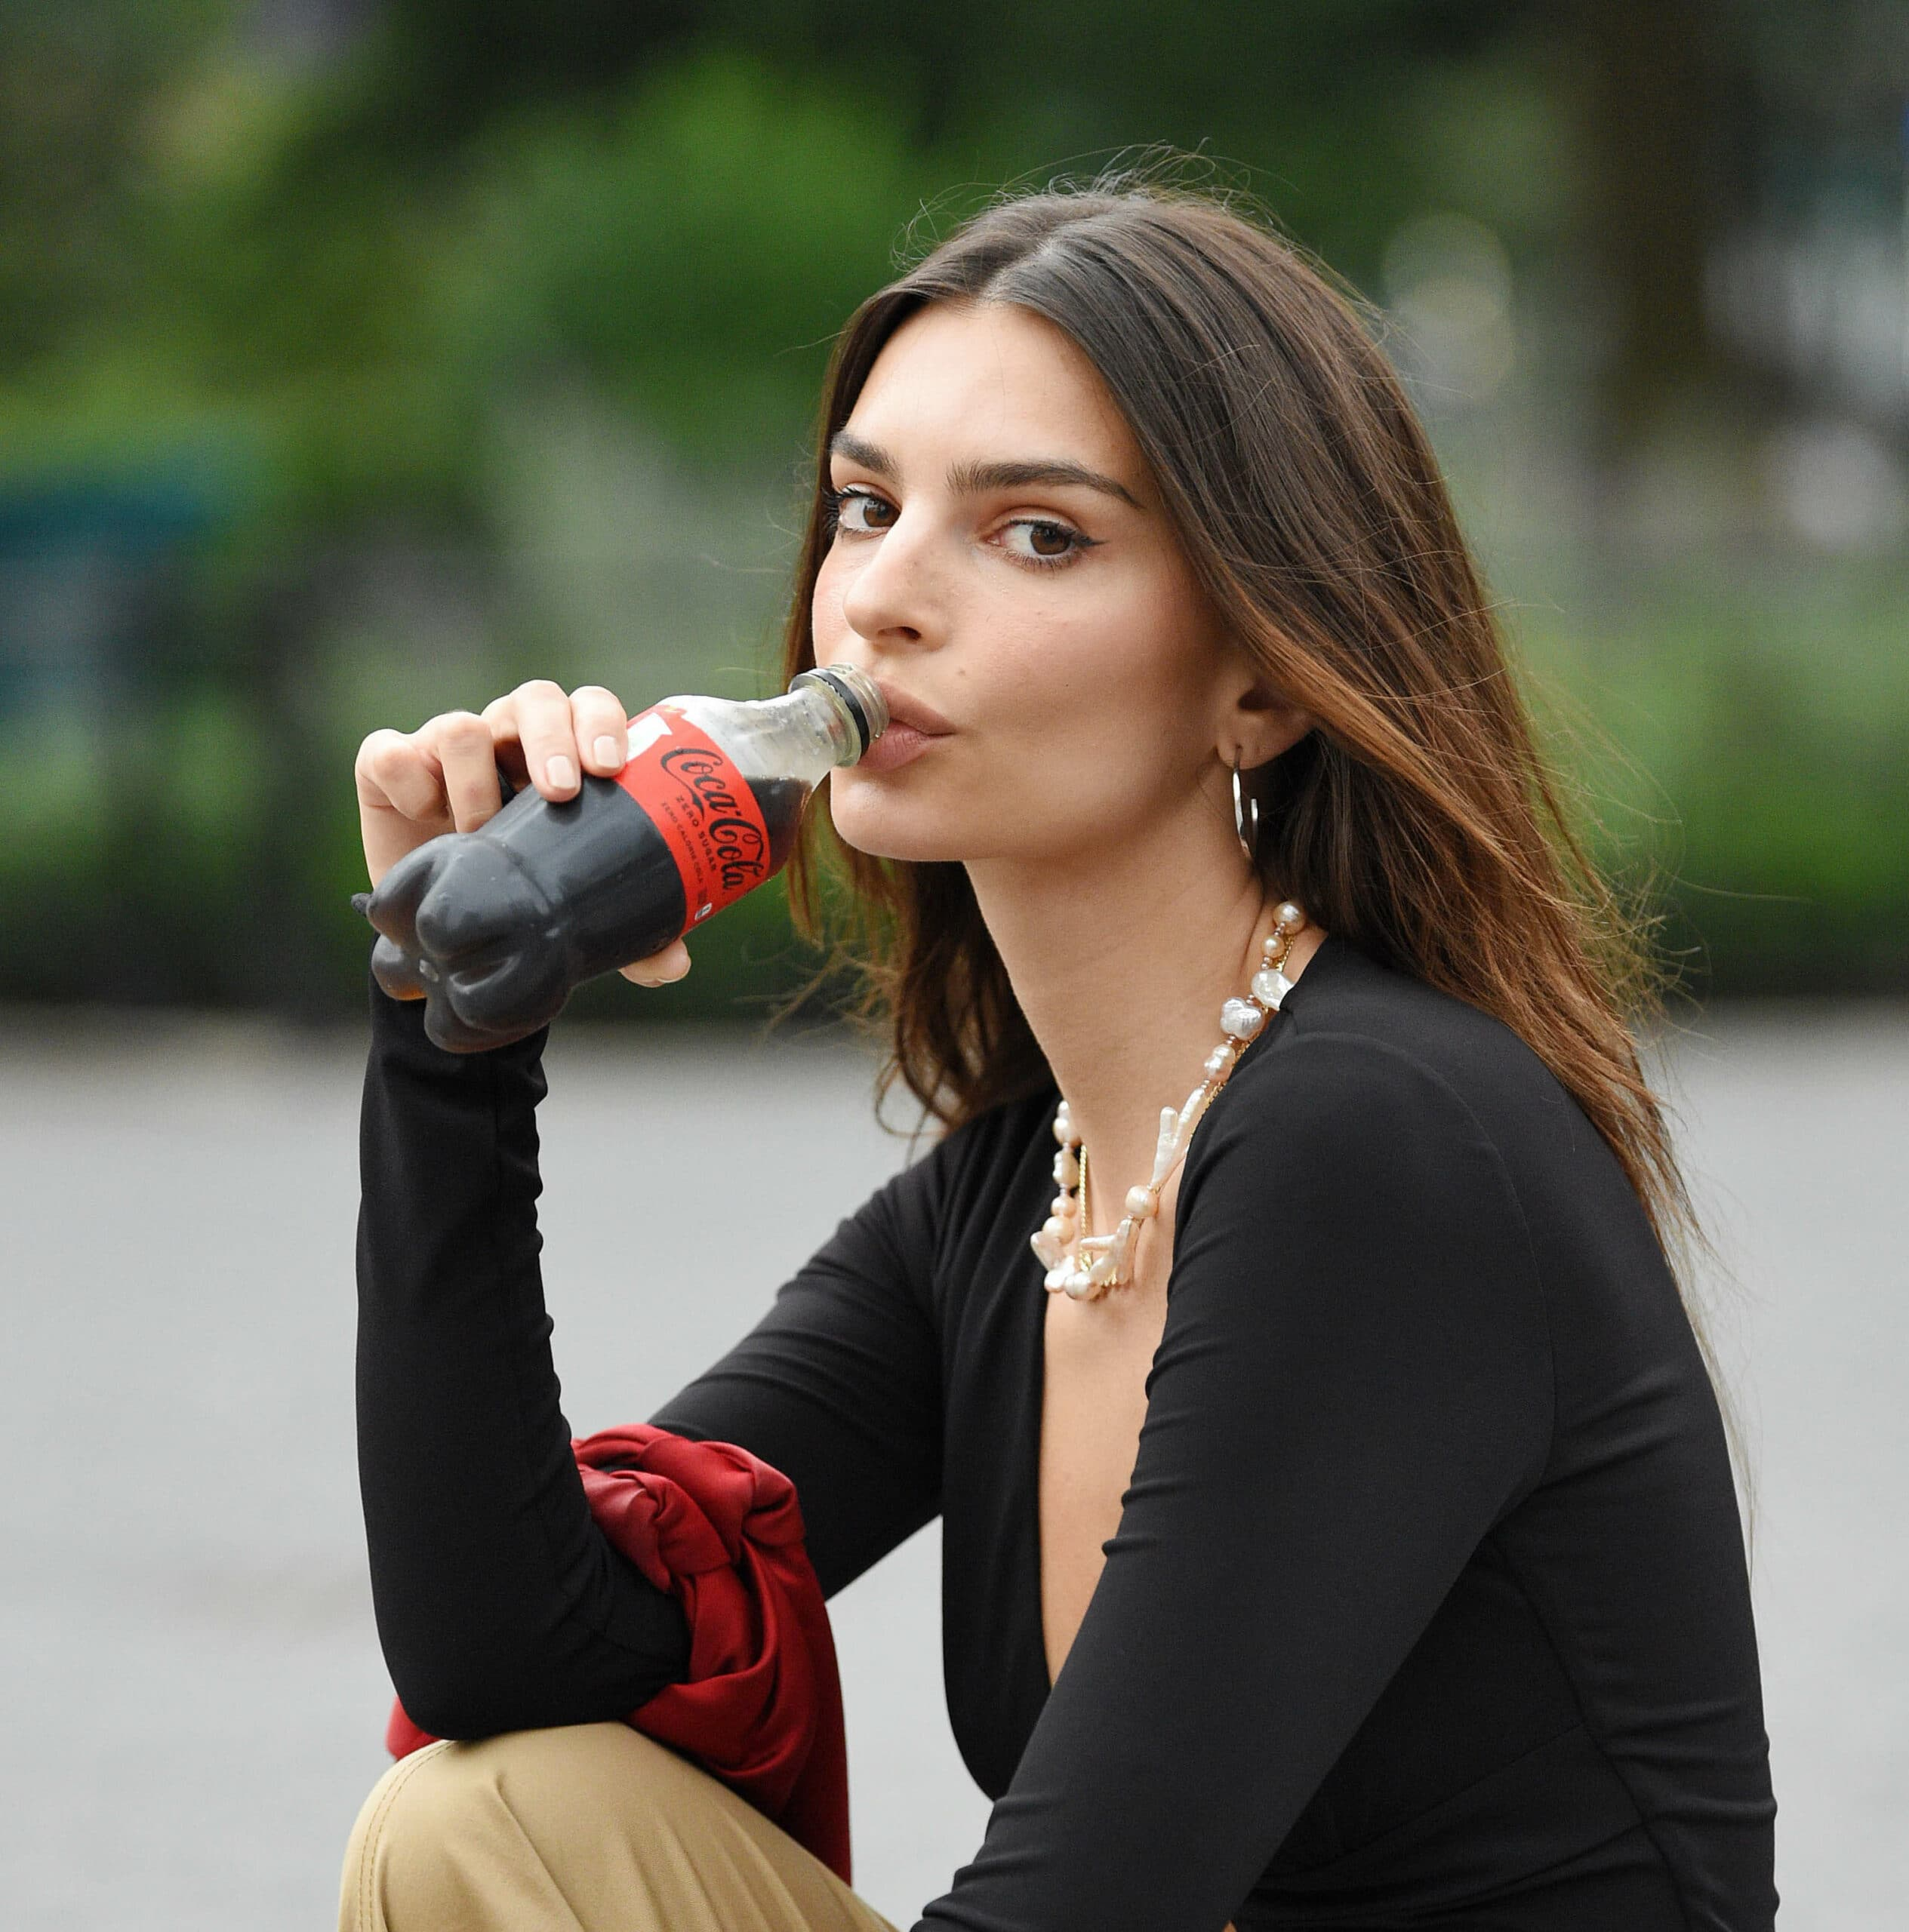 Coca-Cola Zero Sugar debuts a new taste and look 20